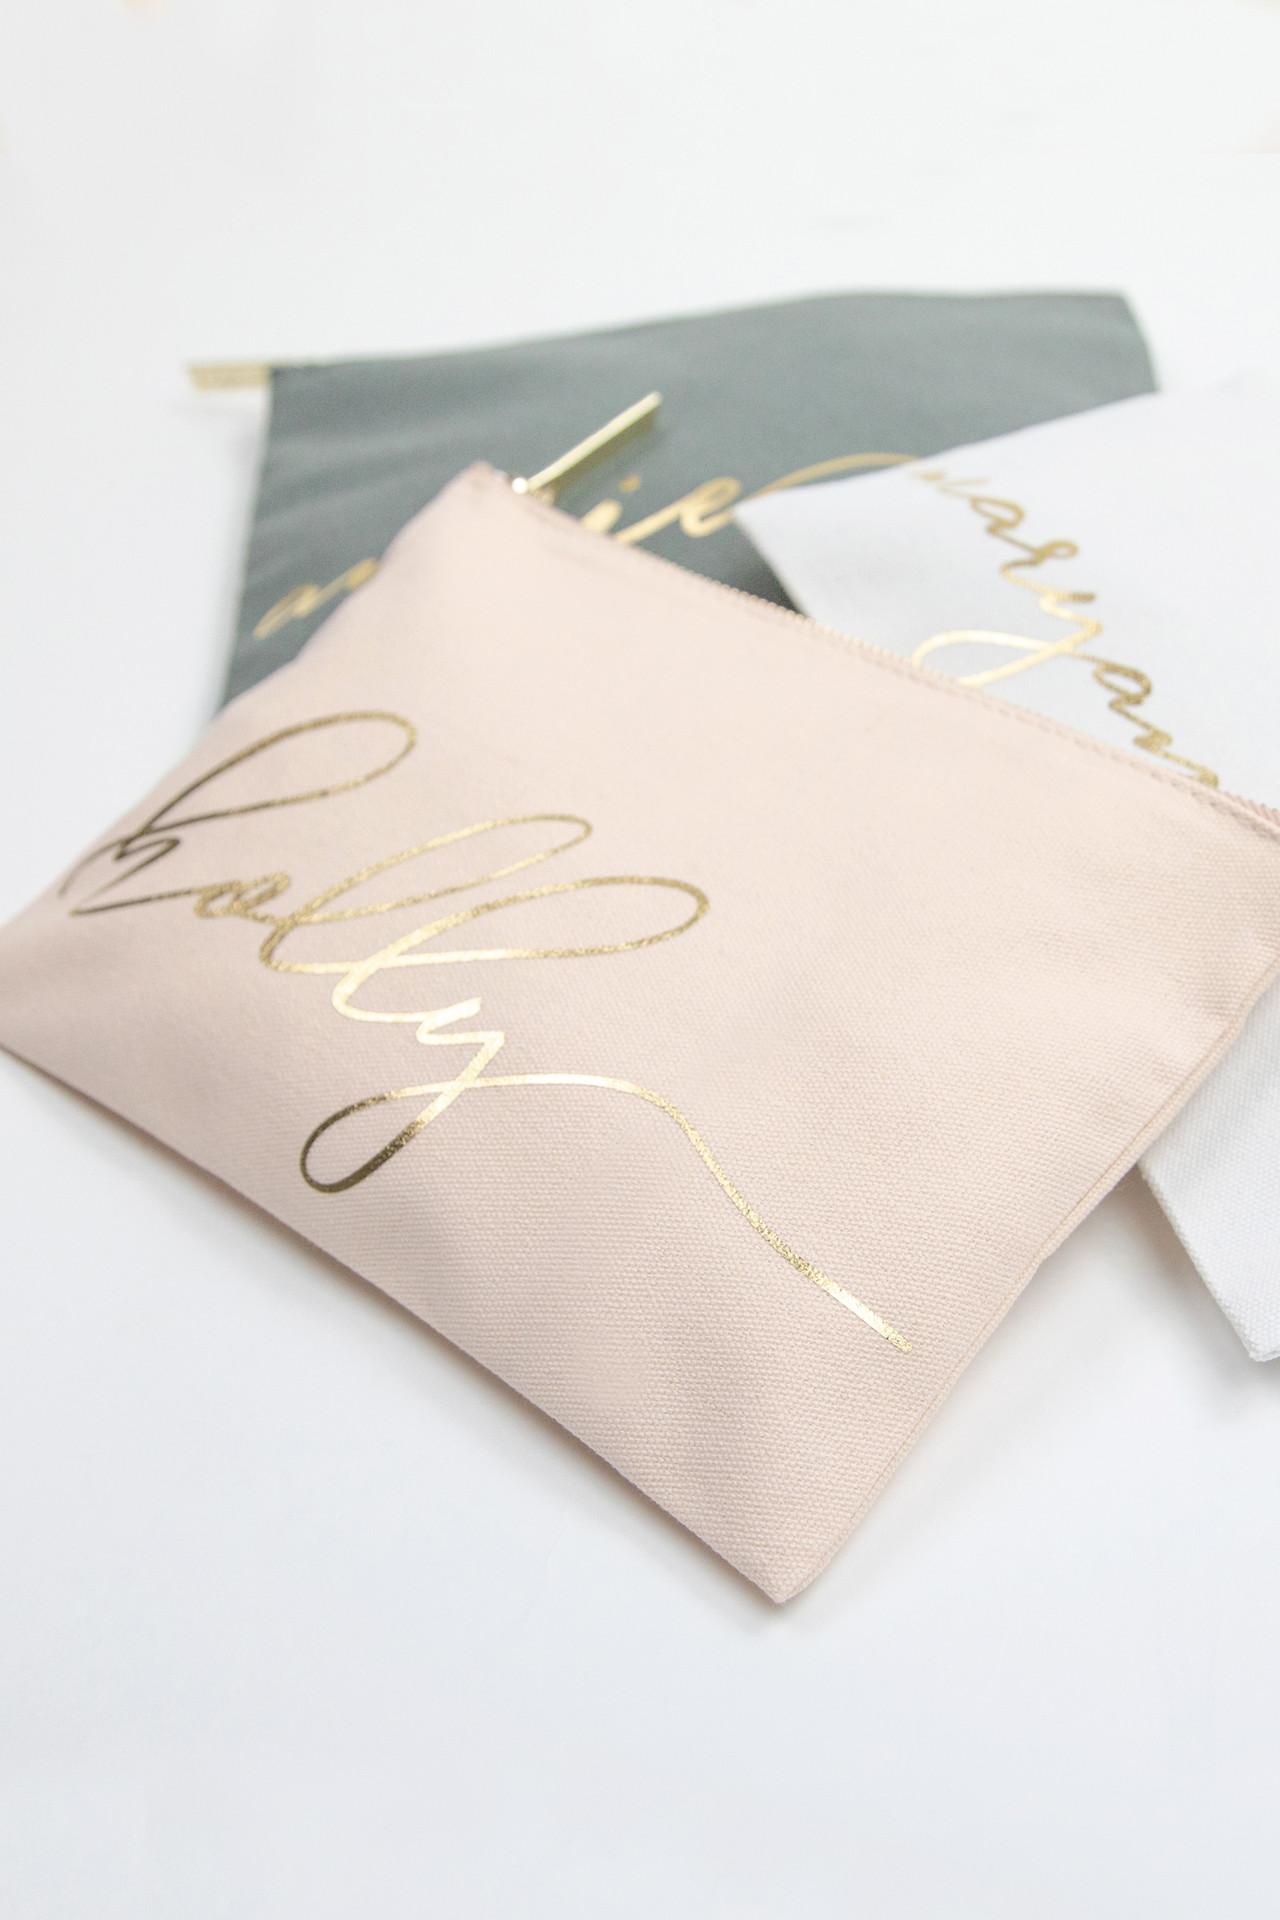 Personalized Monogram Makeup Bag